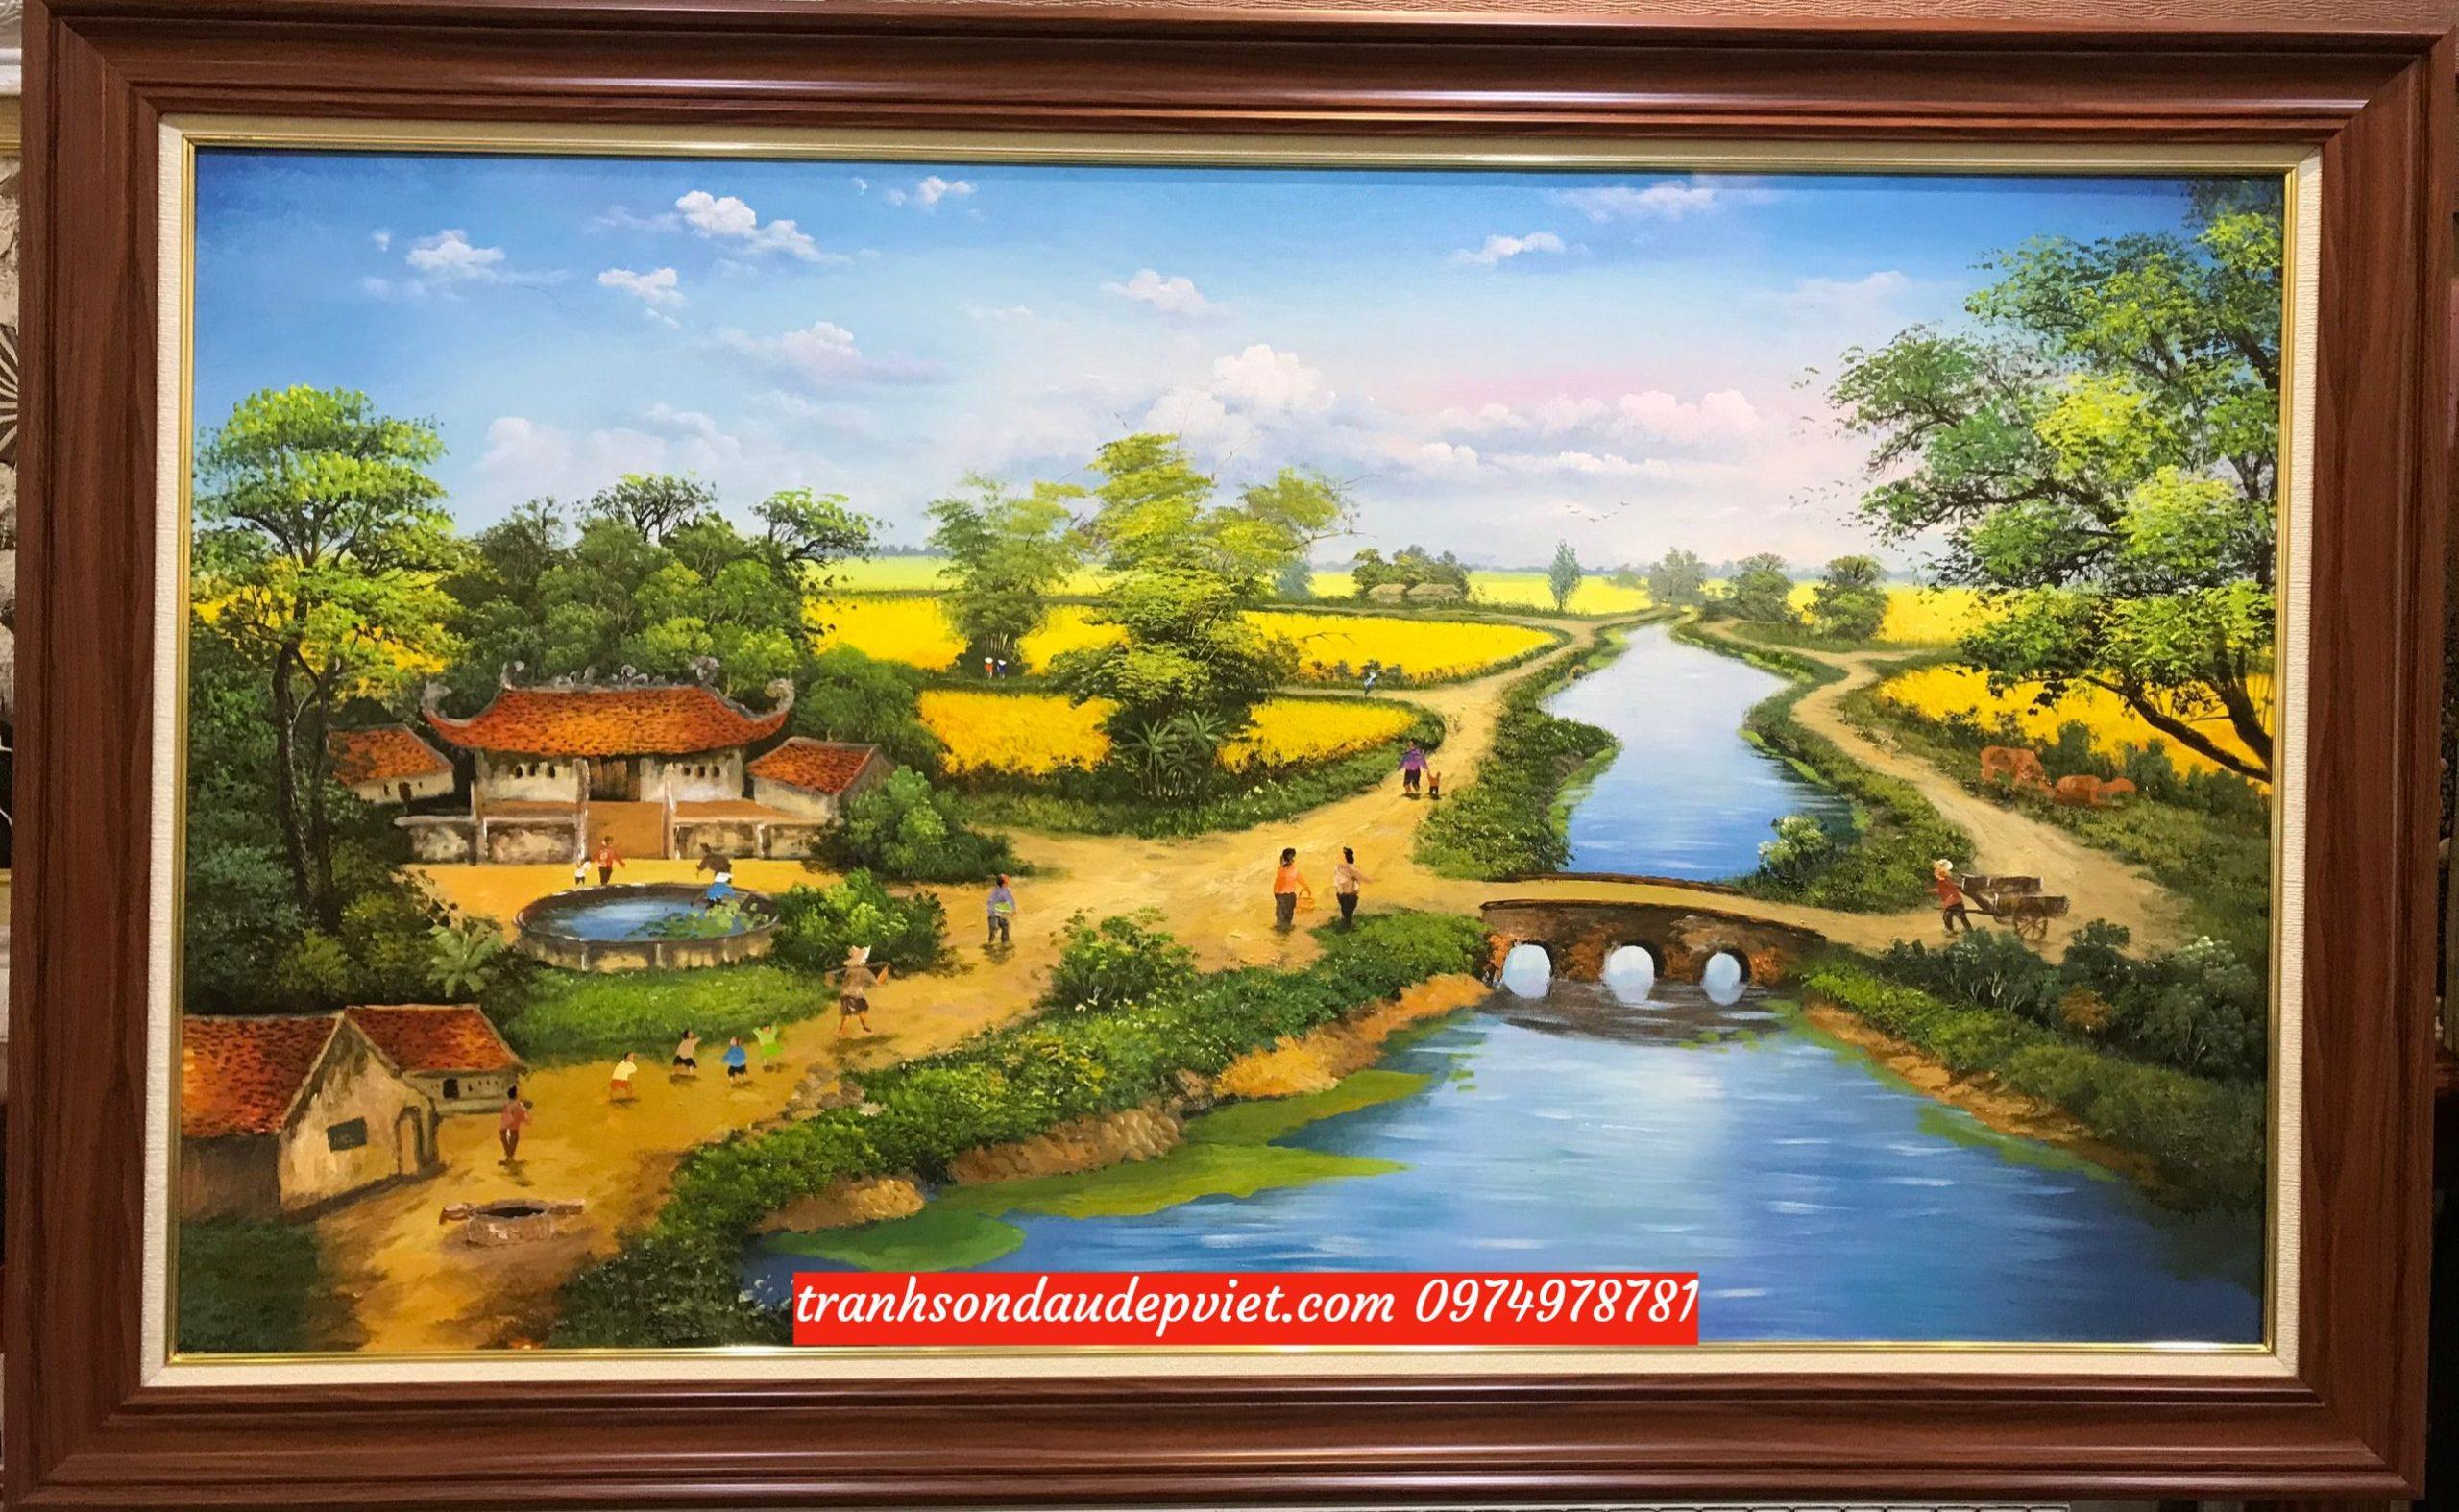 Tranh đồng quê việt nam, tranh sơn dầu phong cảnh đồng quê  SB093